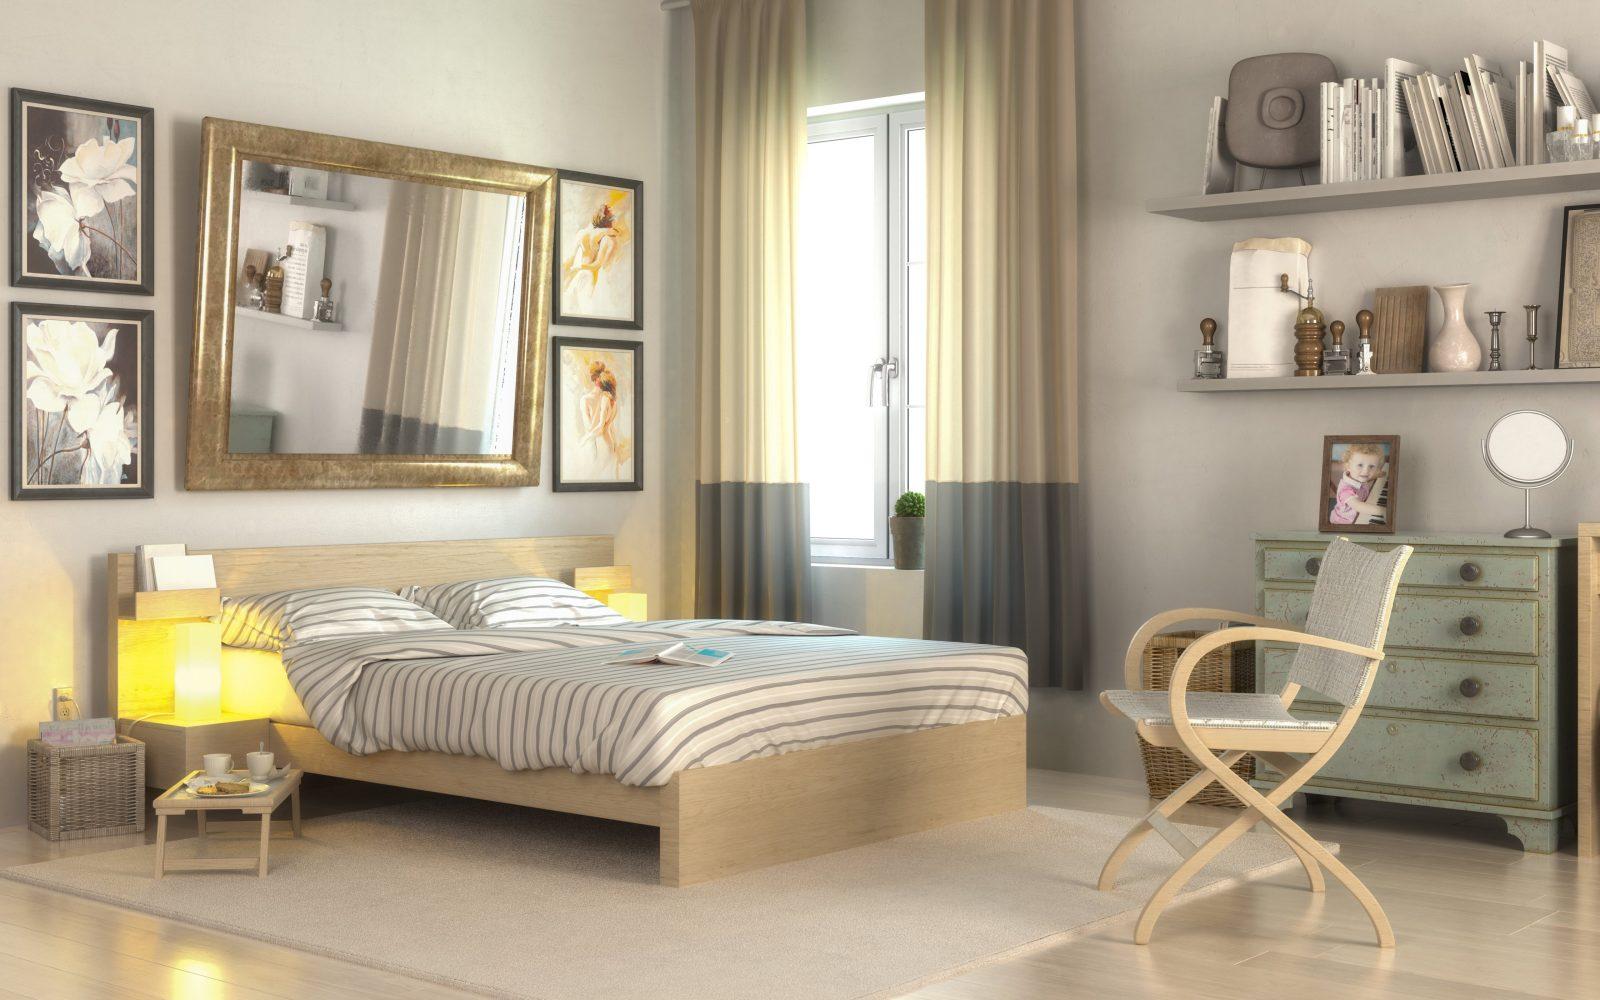 Kleines Schlafzimmer Einrichten So Können Sie Den Platz Optimal Nutzen von Kleine Jugendzimmer Optimal Einrichten Photo